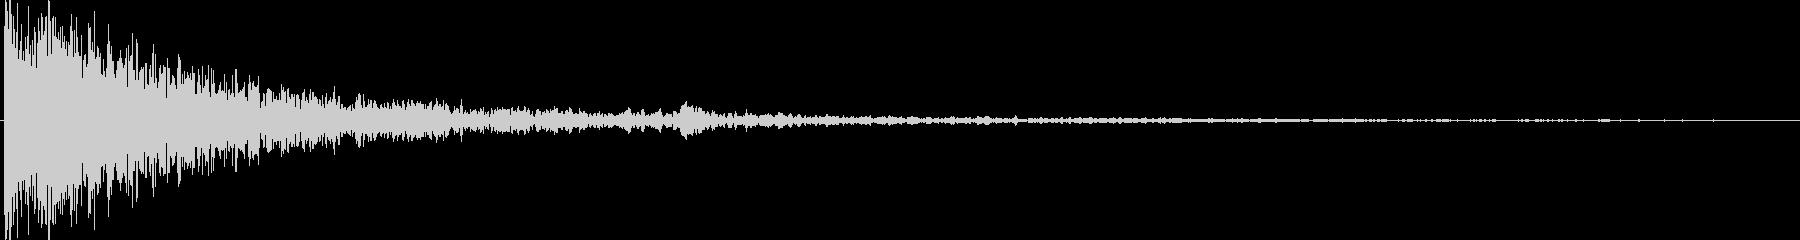 オリジナルシンセによる衝撃音の未再生の波形